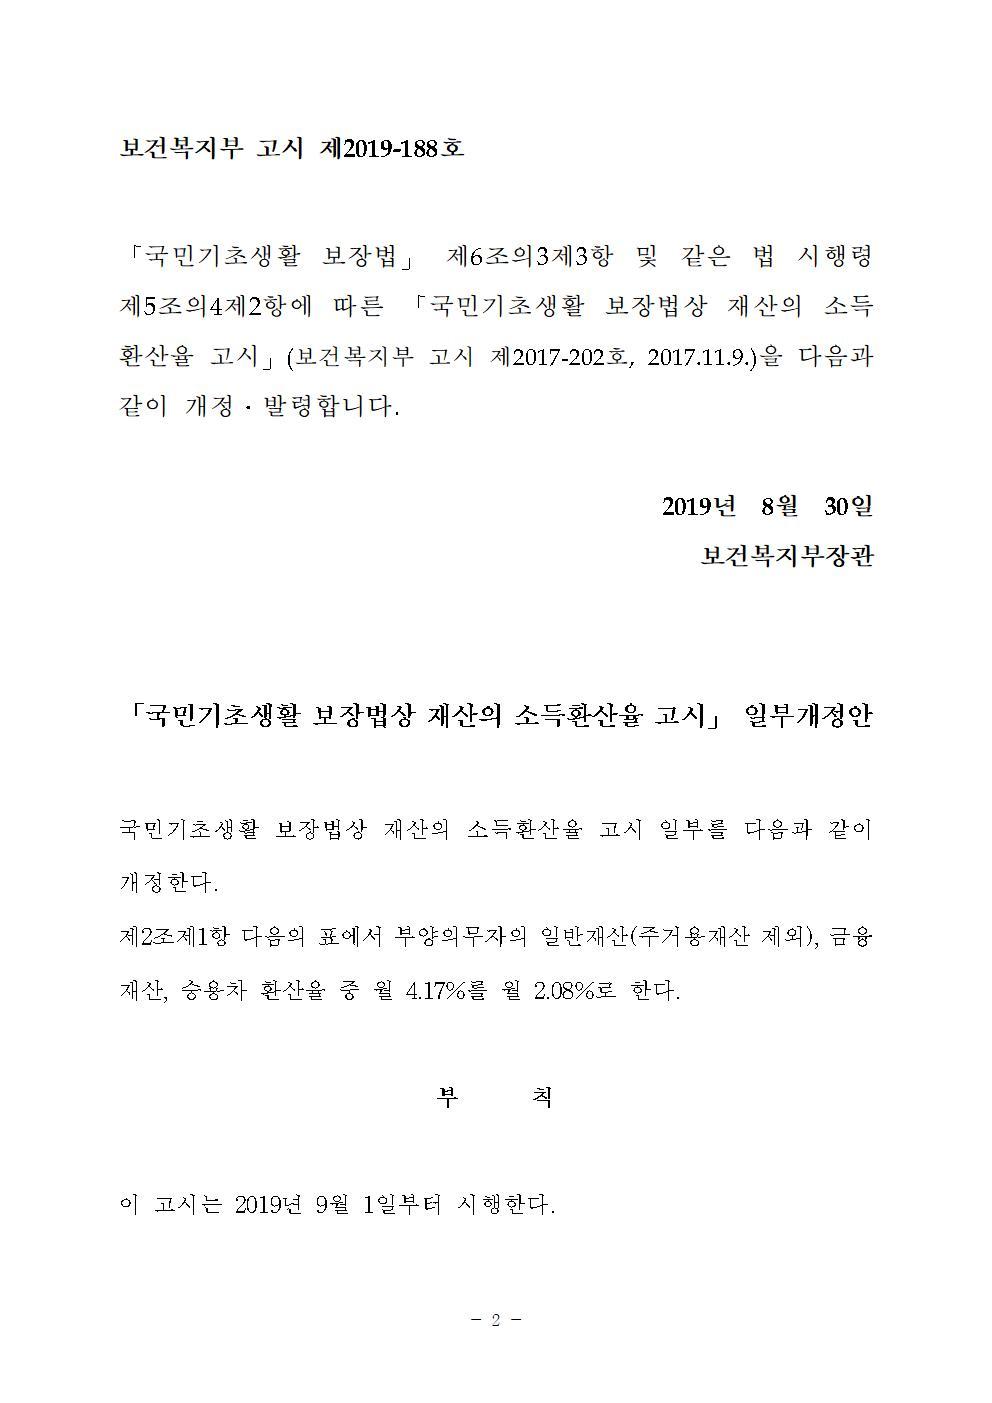 국민기초생활_보장법상_재산의_소득환산율_고시_일부개정안002.jpg